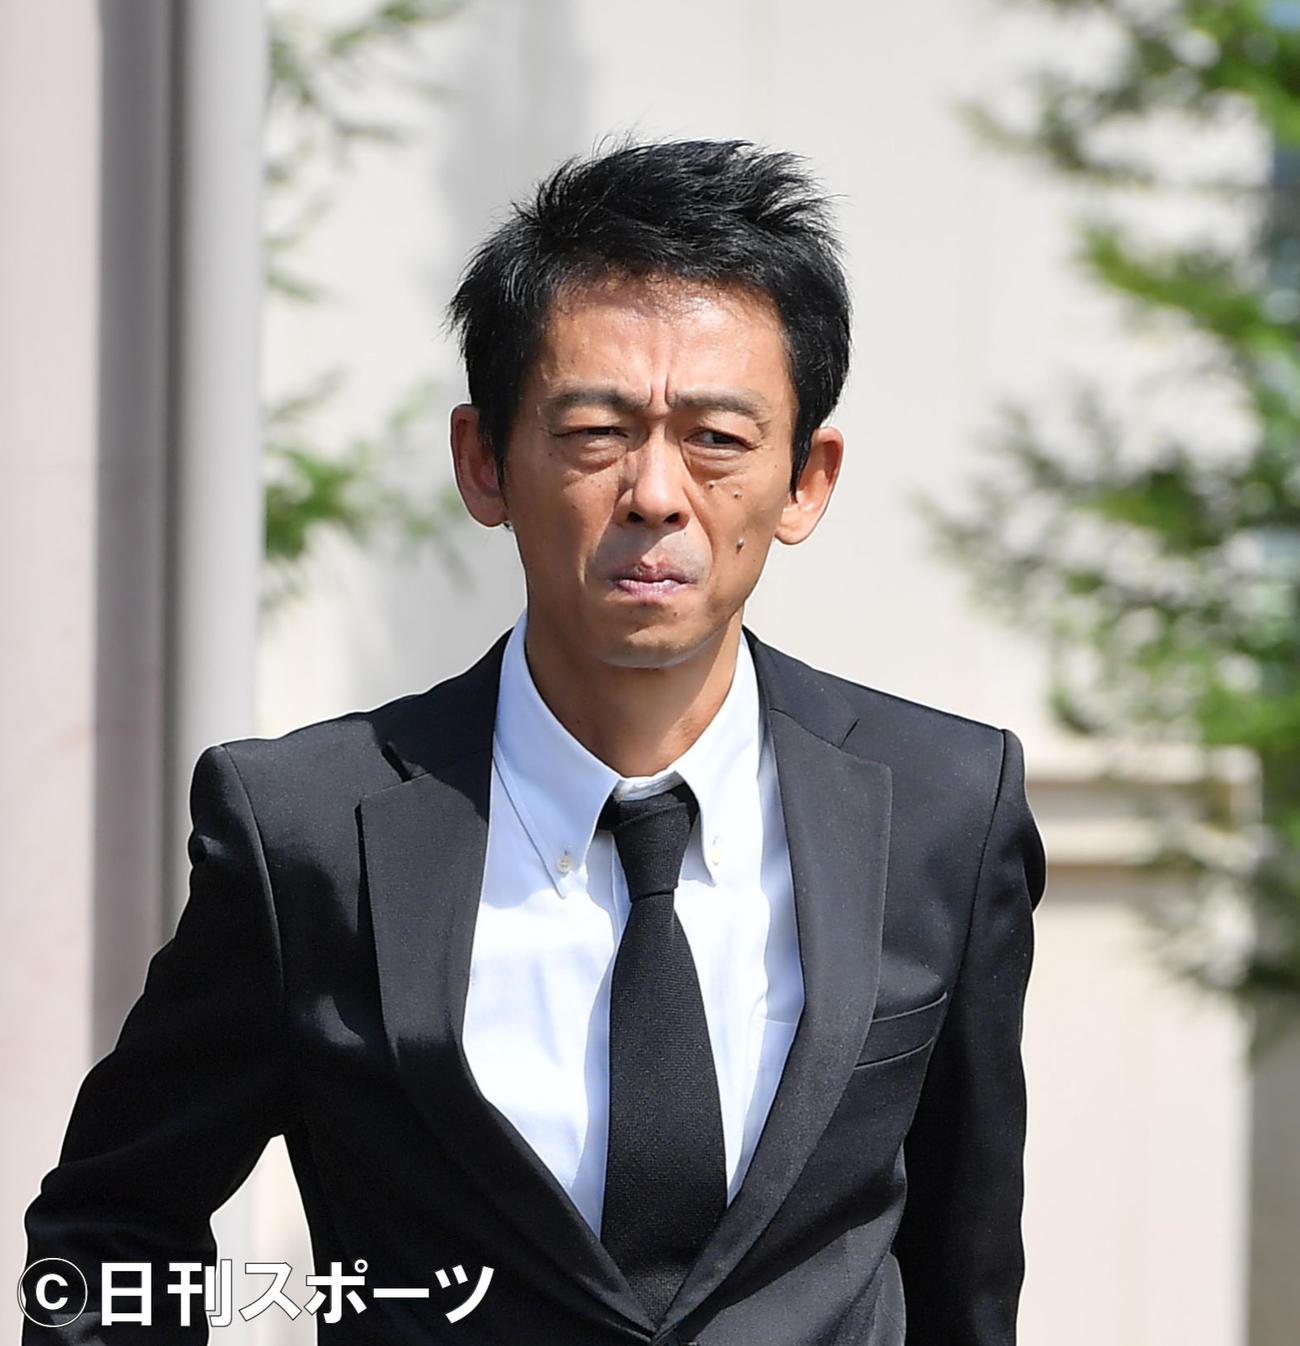 ぜんじろう、田口逮捕「躍起になって叩く必要ない」 , お笑い